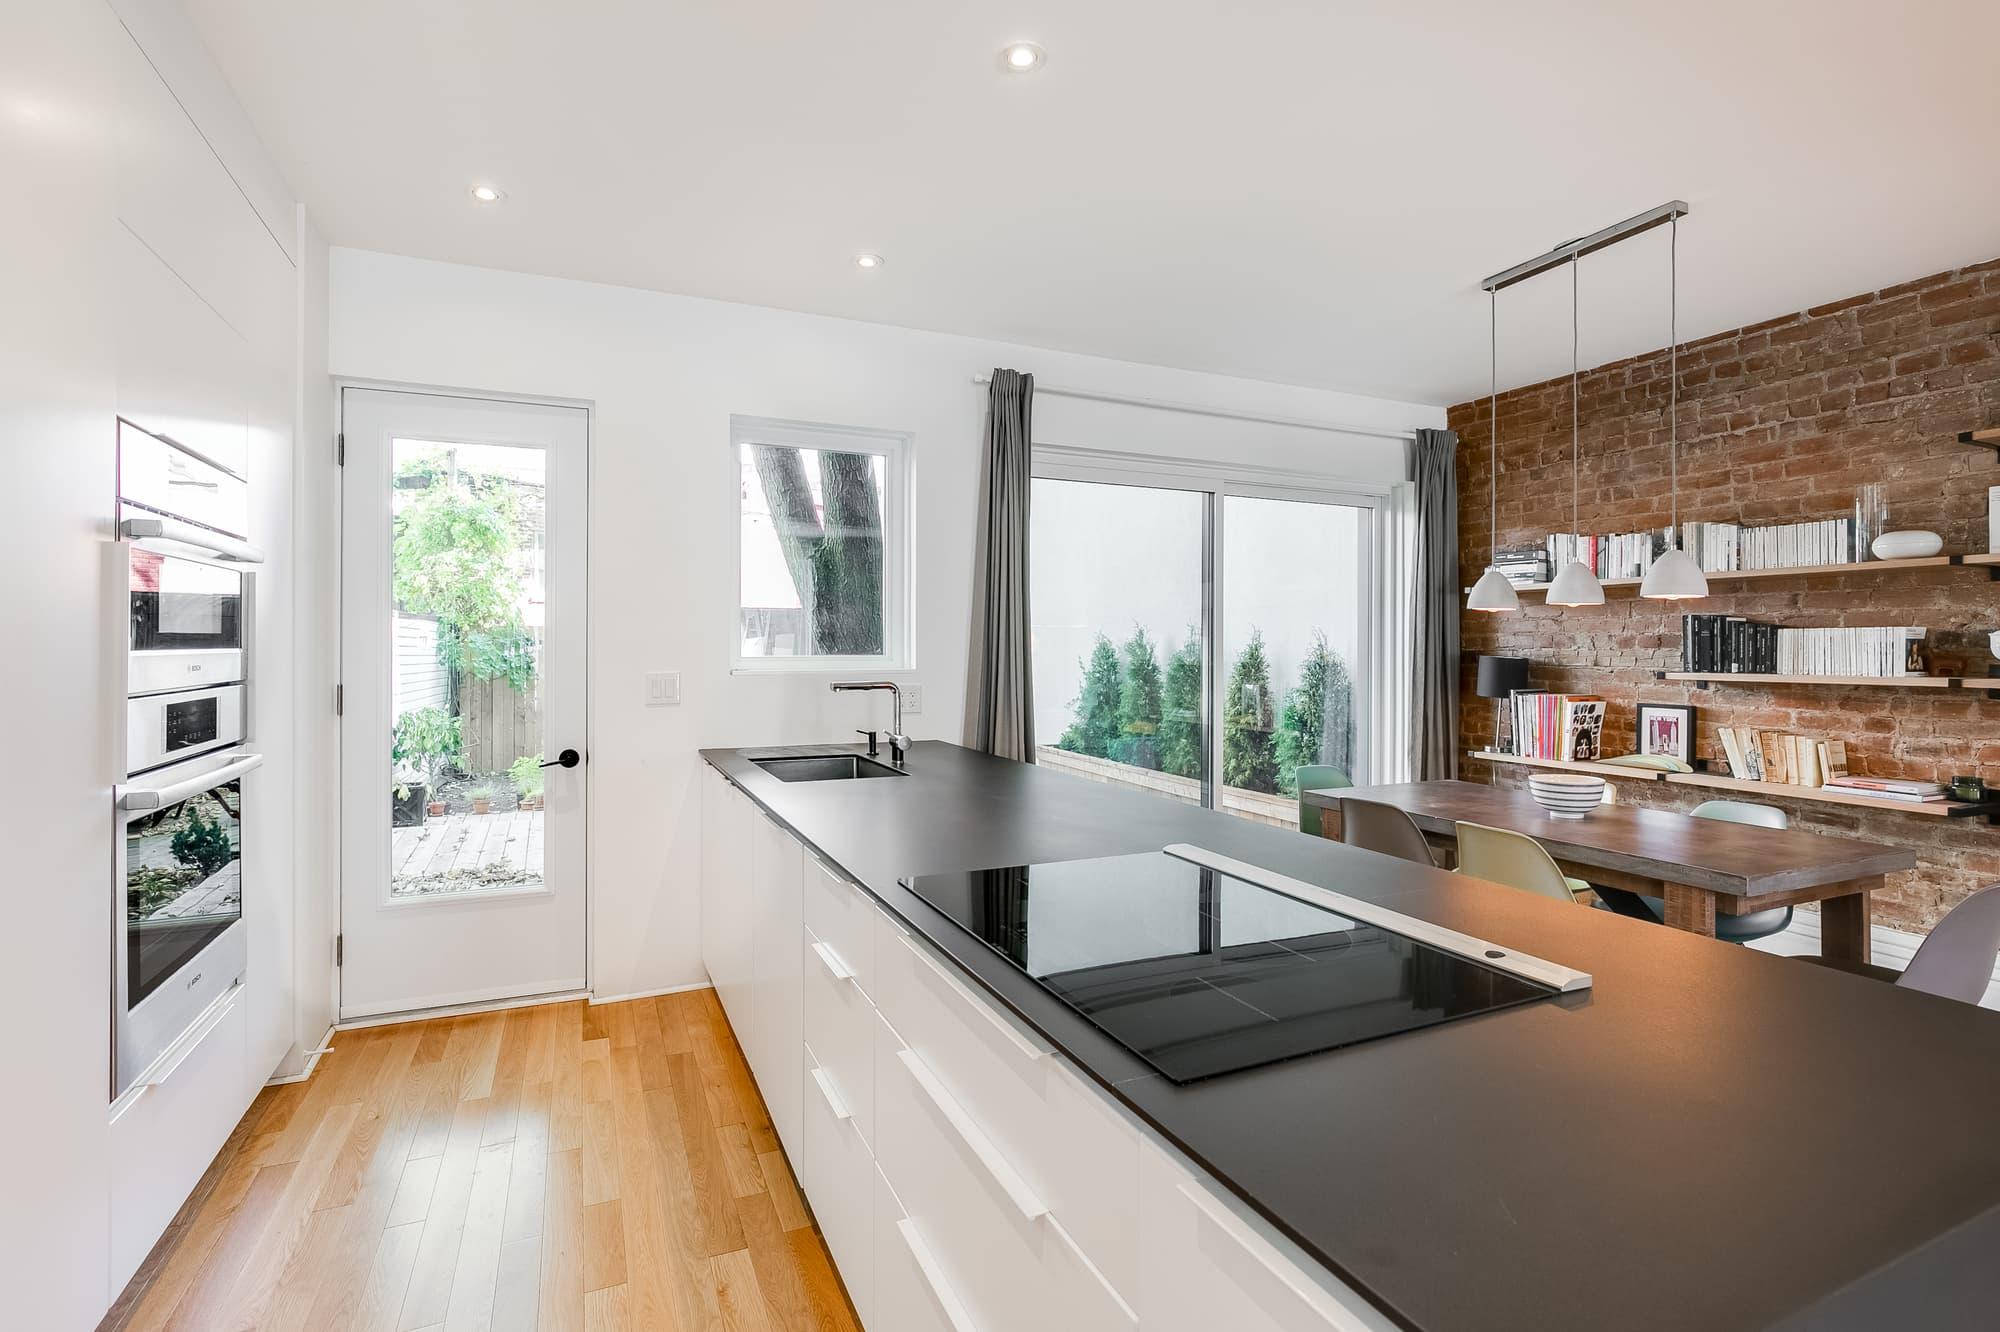 rénovation de cuisine blanche moderne avec grand îlot